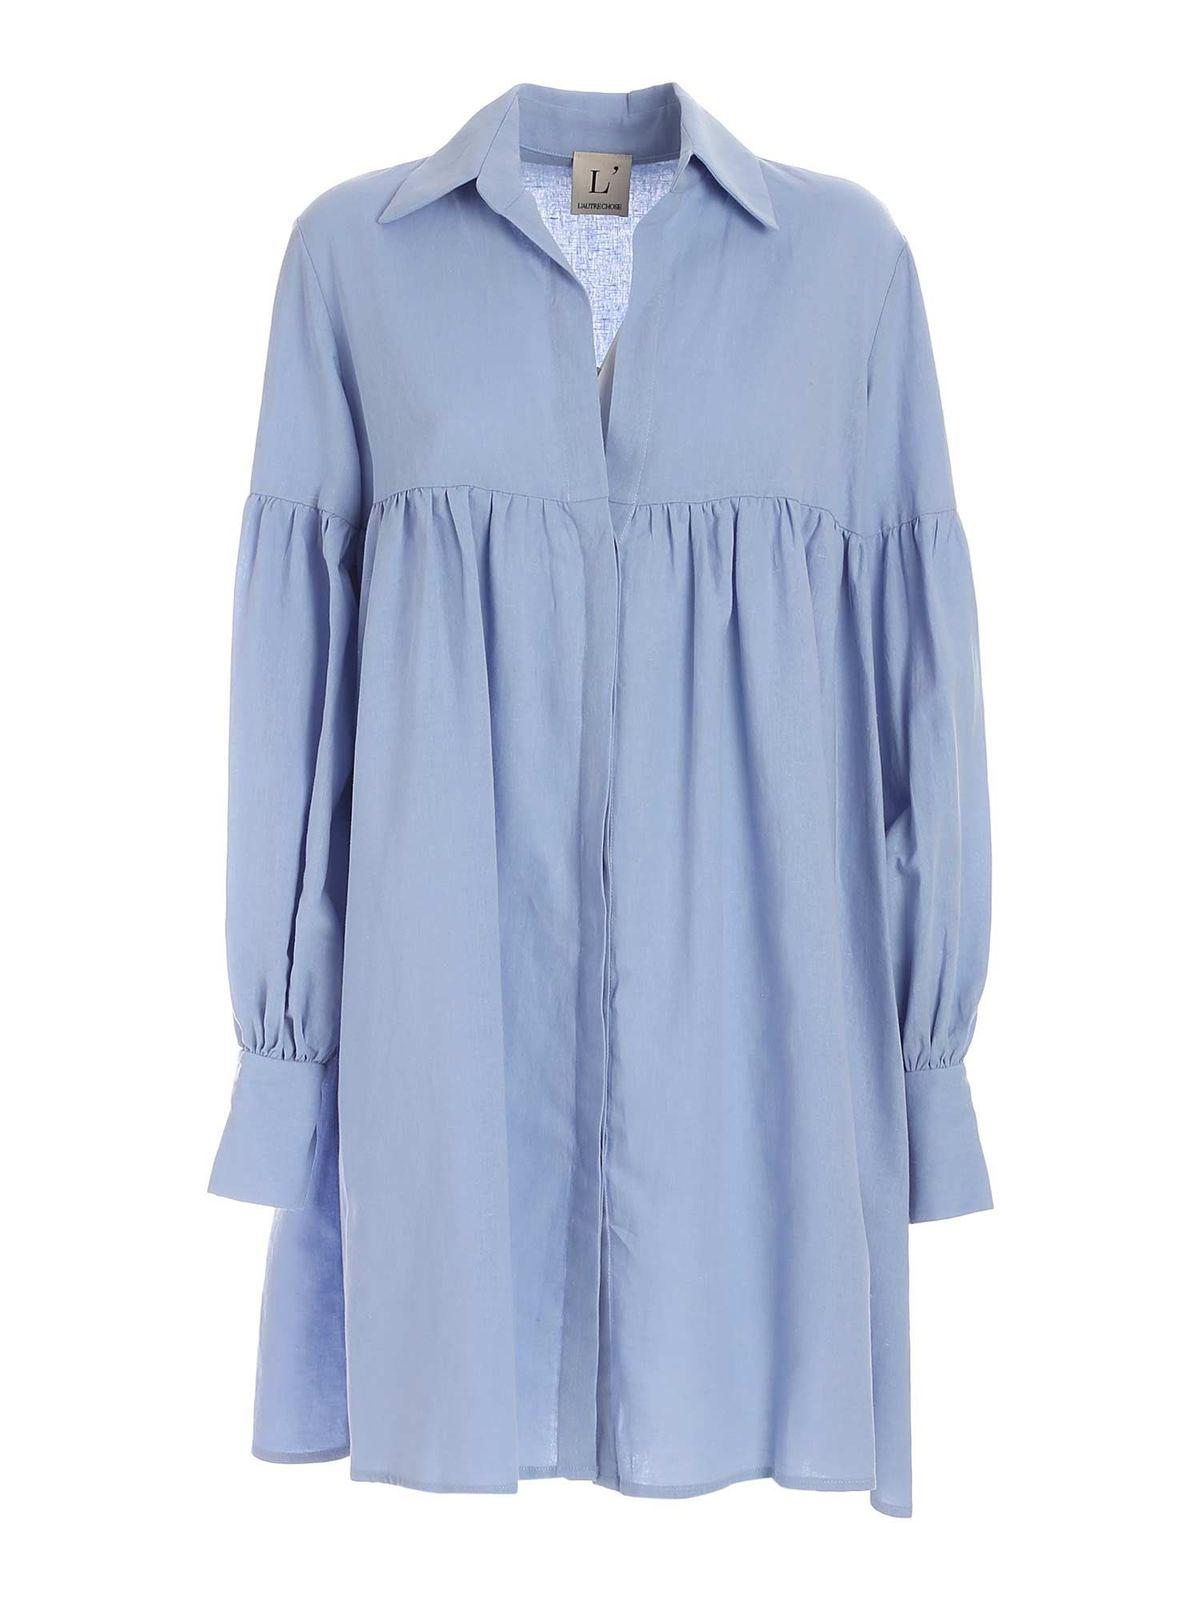 L'autre Chose Cottons OVERSIZED CHEMISIER DRESS IN LIGHT BLUE